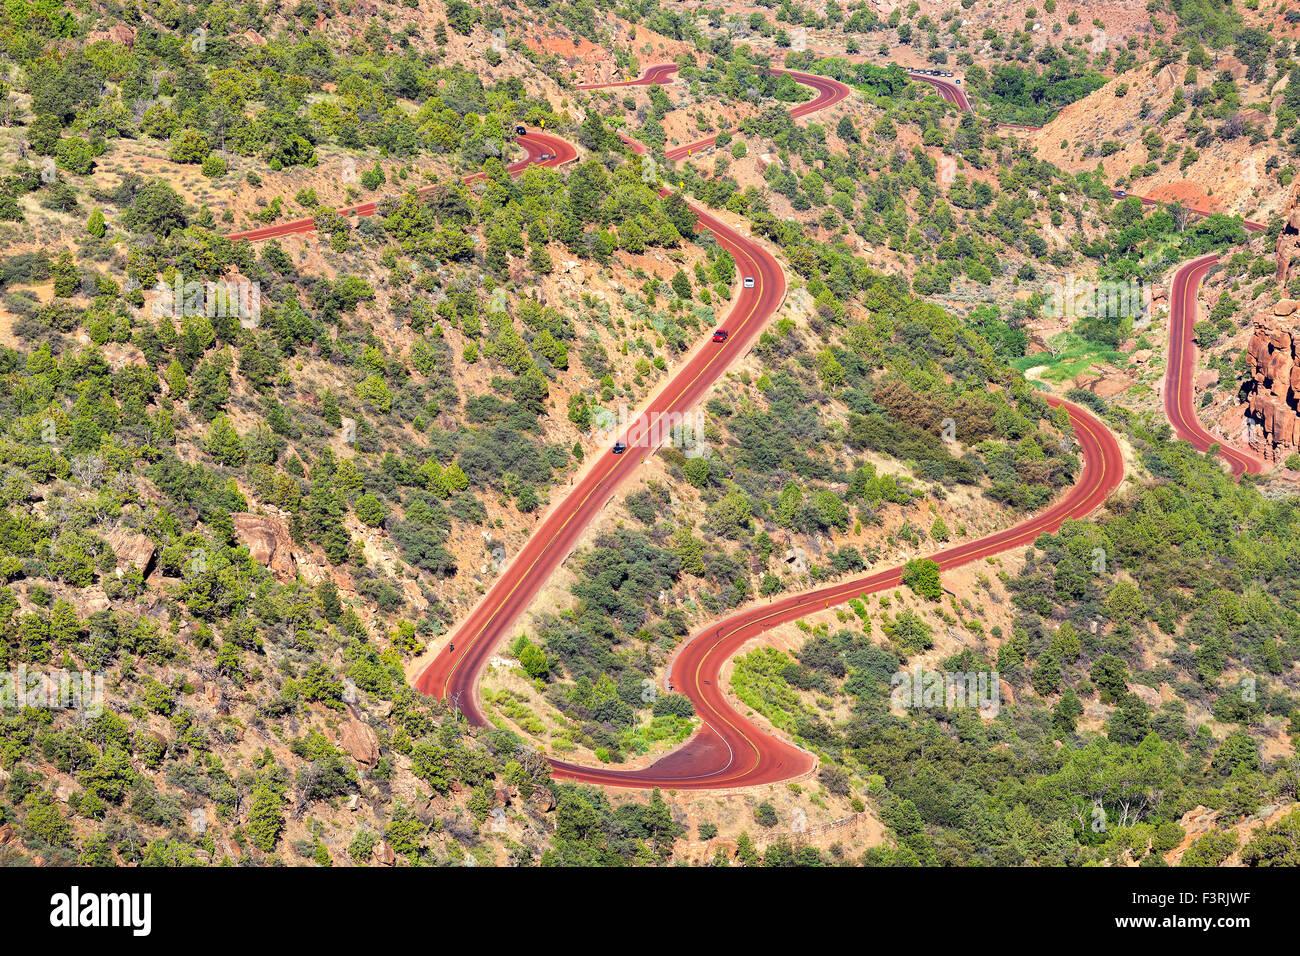 Serpenteante camino en el Parque Nacional de Zion, Utah, EE.UU.. Imagen De Stock